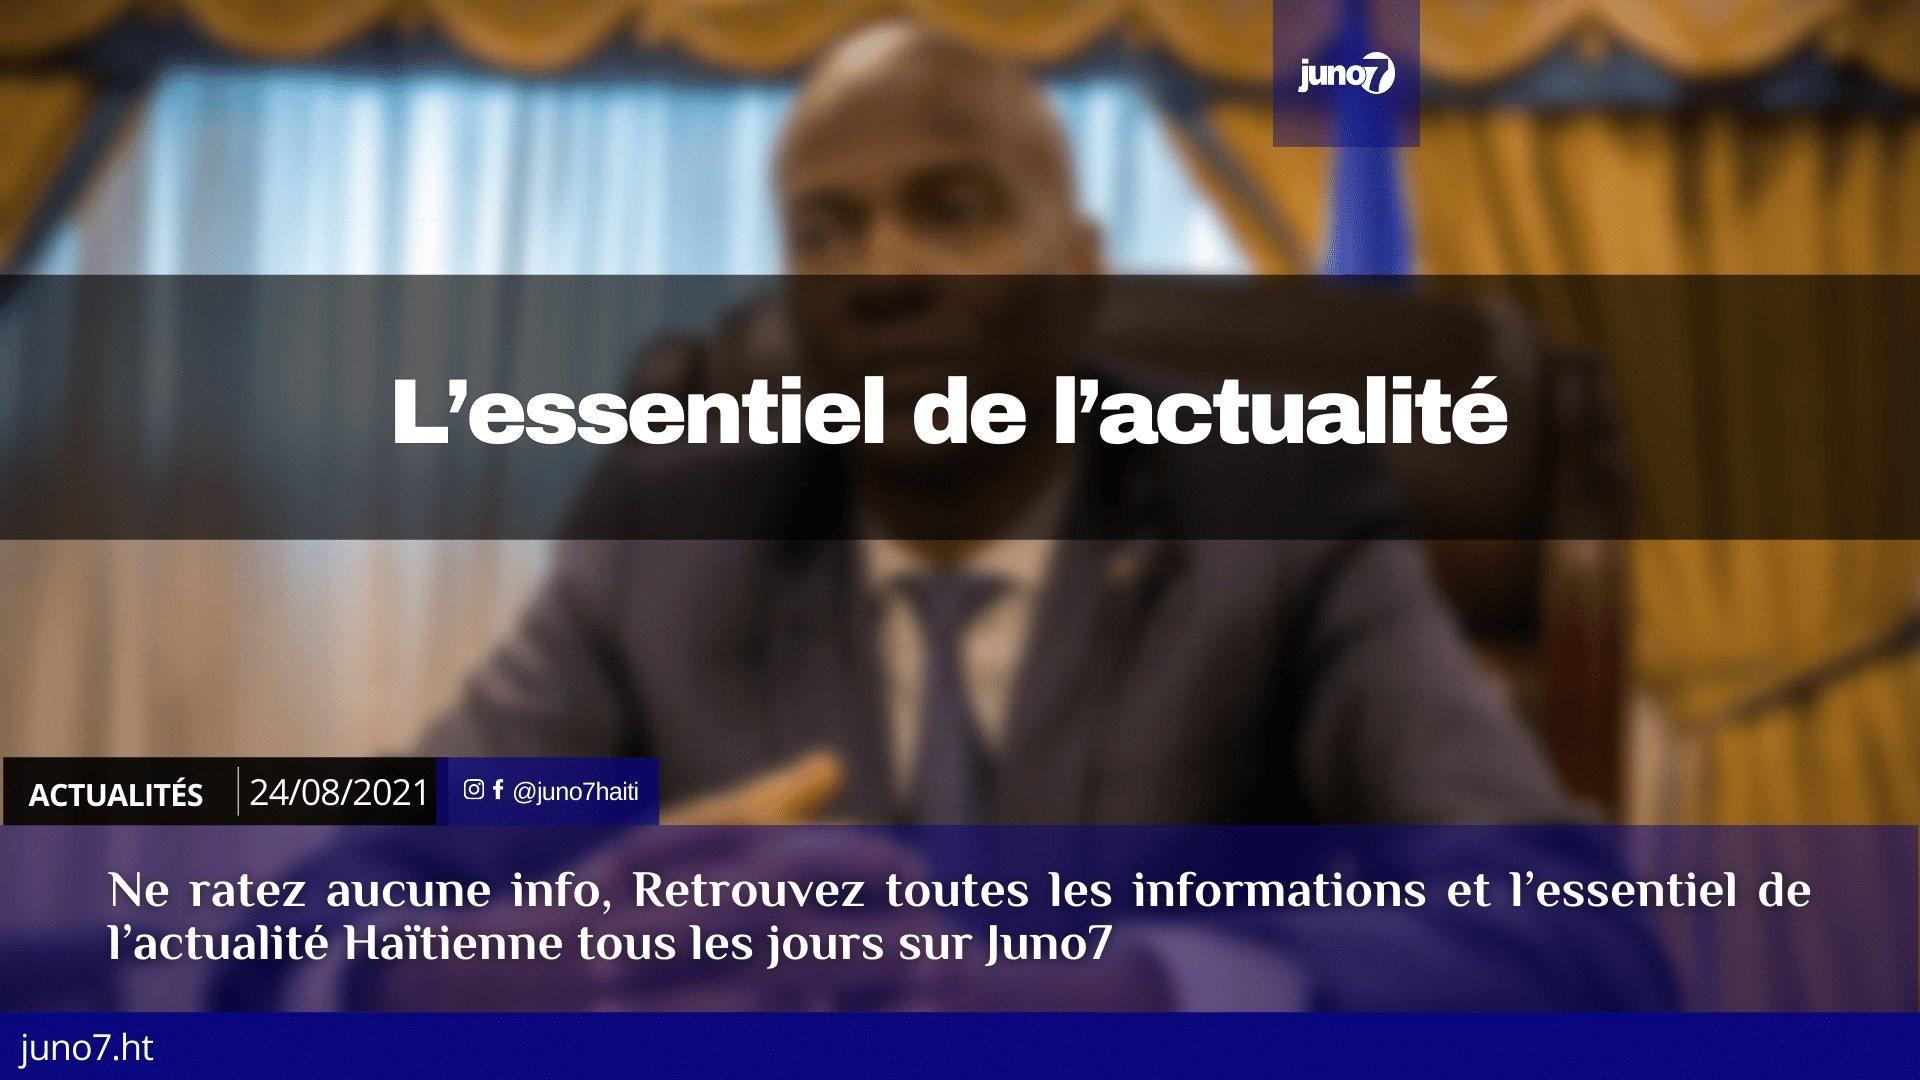 Haïti: l'essentiel de l'actualité du mardi 24 août 2021